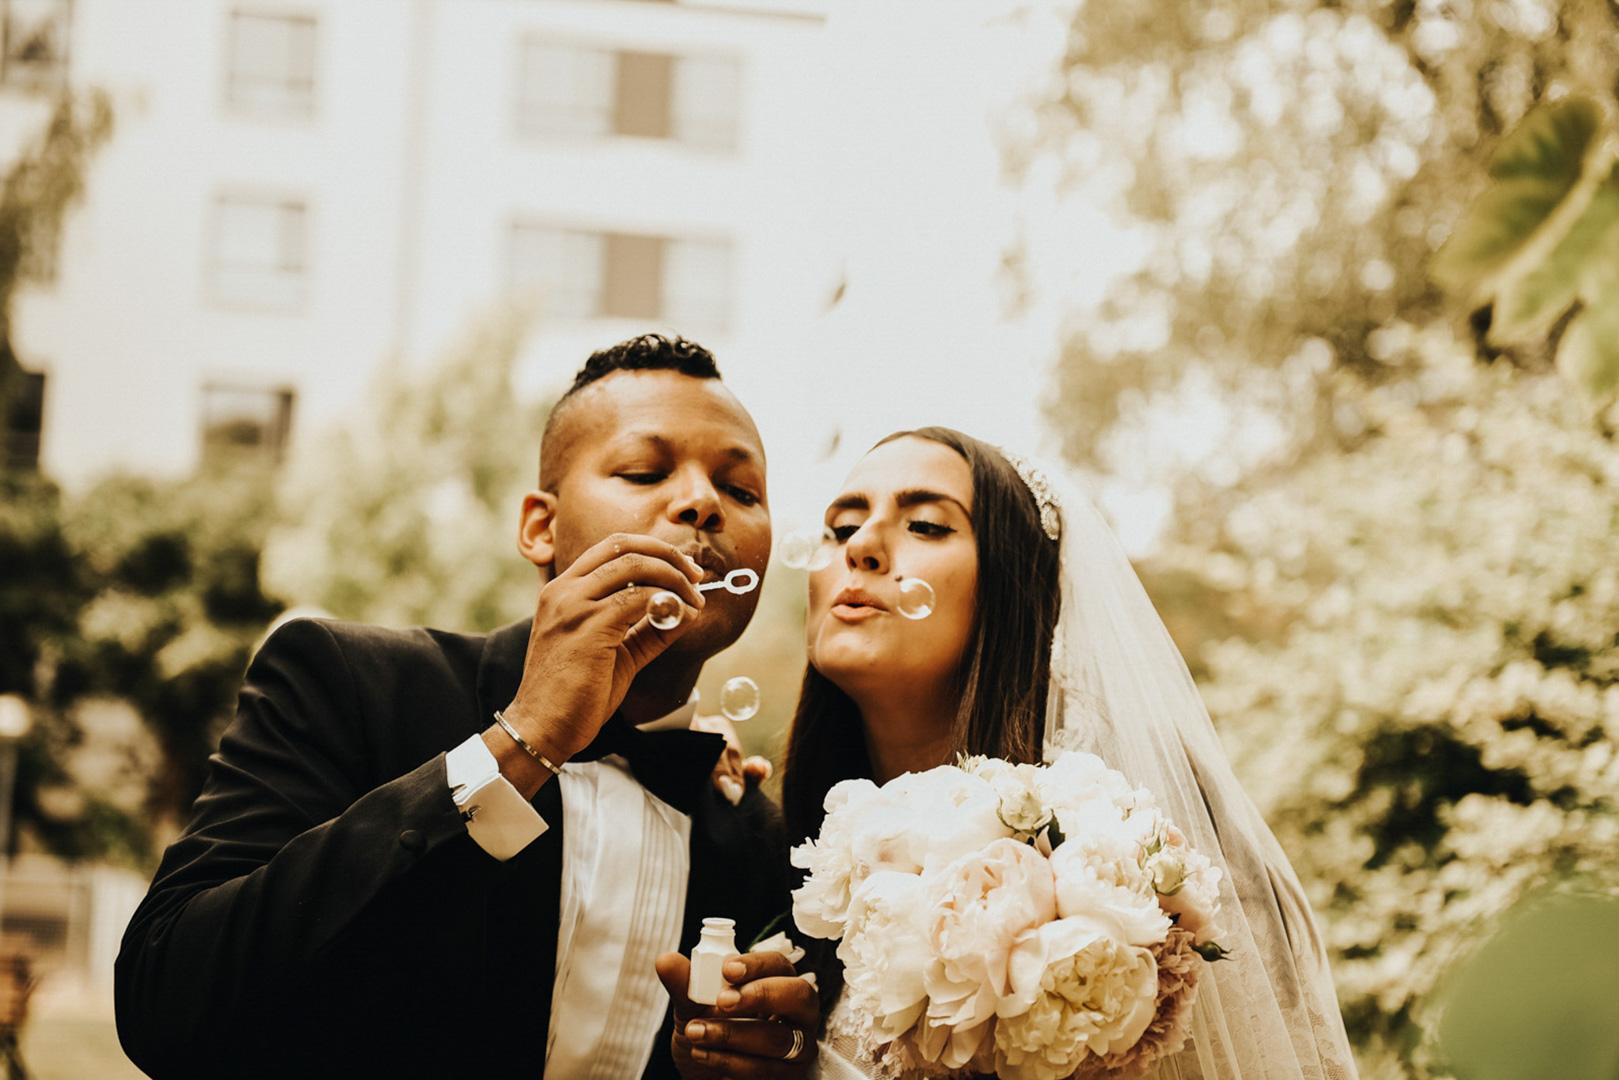 bride and groom best photographer copenhagen